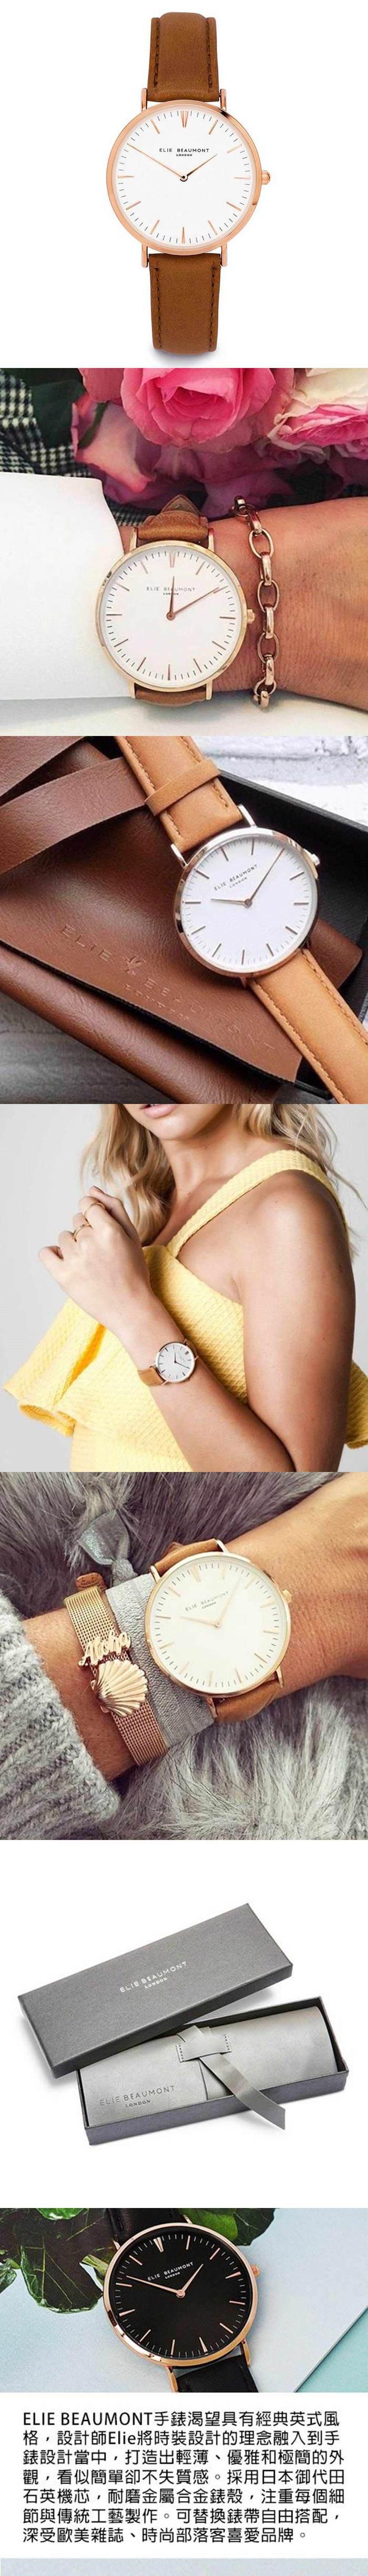 (複製)Elie Beaumont 英國時尚手錶 牛津系列 白錶盤x褐色皮革錶帶x玫瑰金錶框38mm